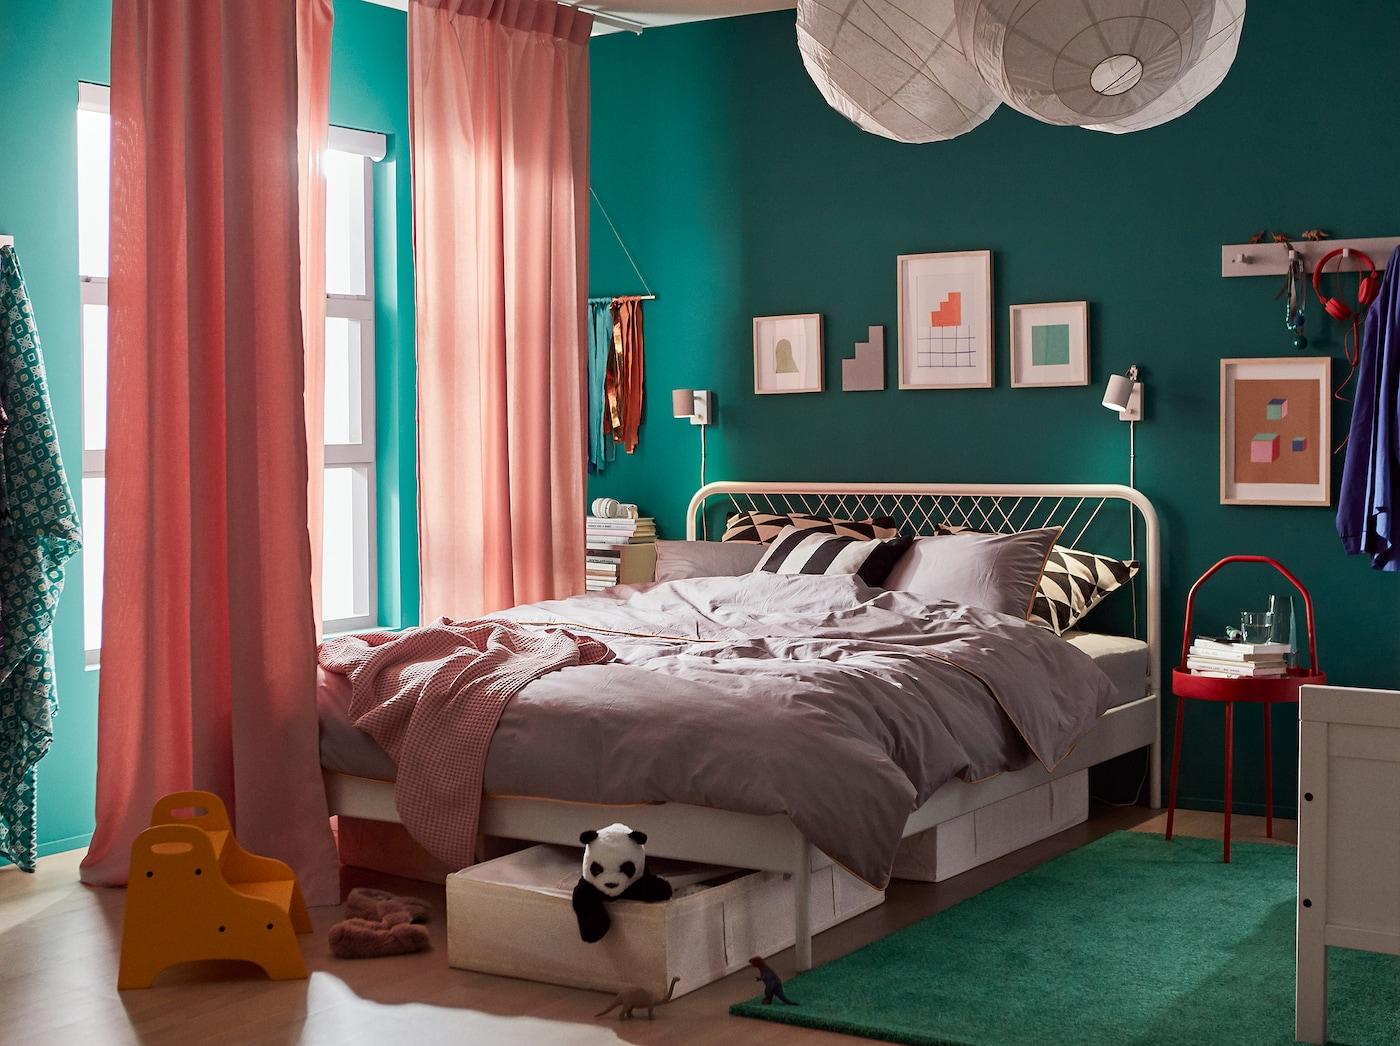 Combine a estrutura de cama NESTTUN, em branco, e a estrutura de cama extensível para criança SUNDVIK, para um quarto partilhado coordenado e funcional.